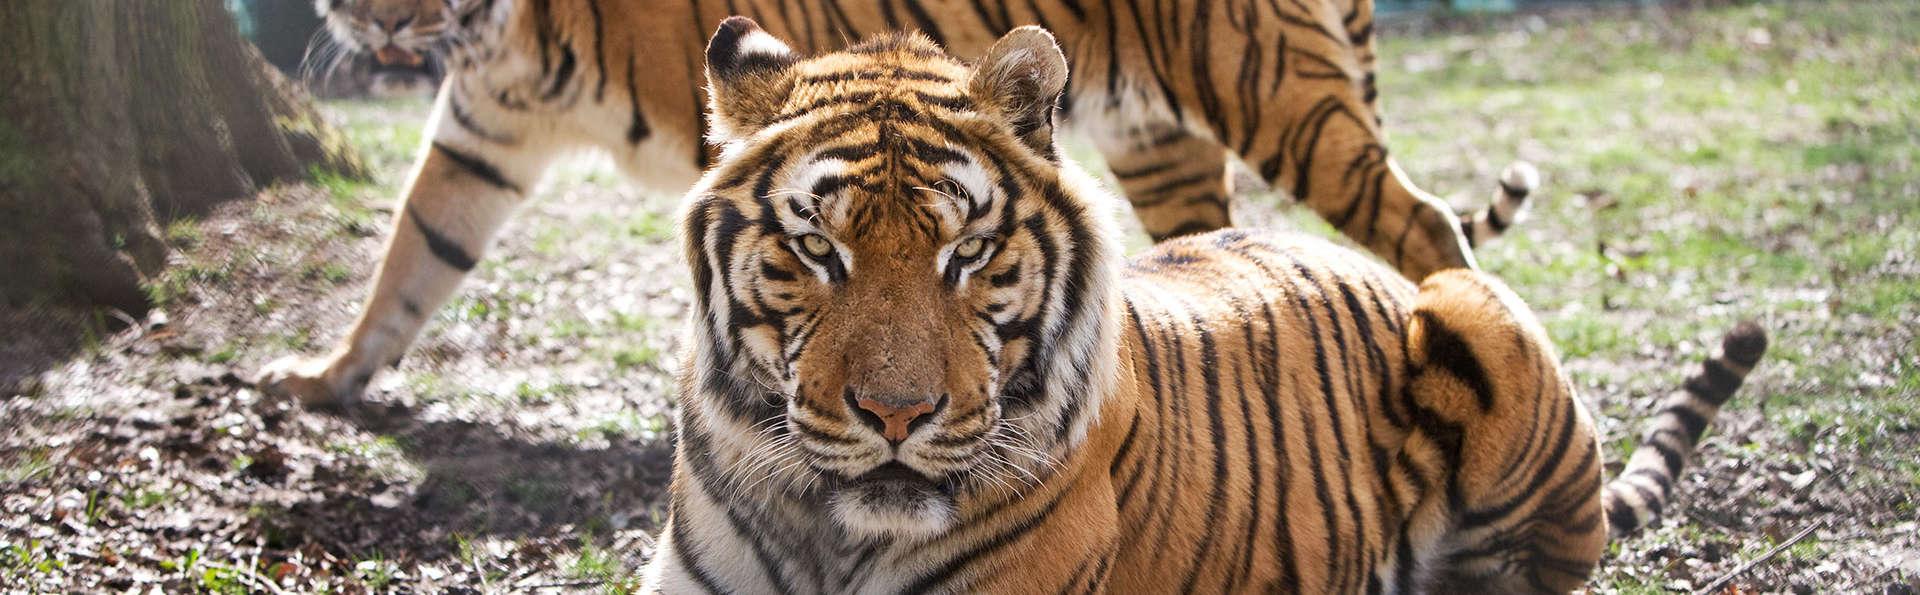 Séjournez près de Versailles et venez découvrir le Zoo de Thoiry